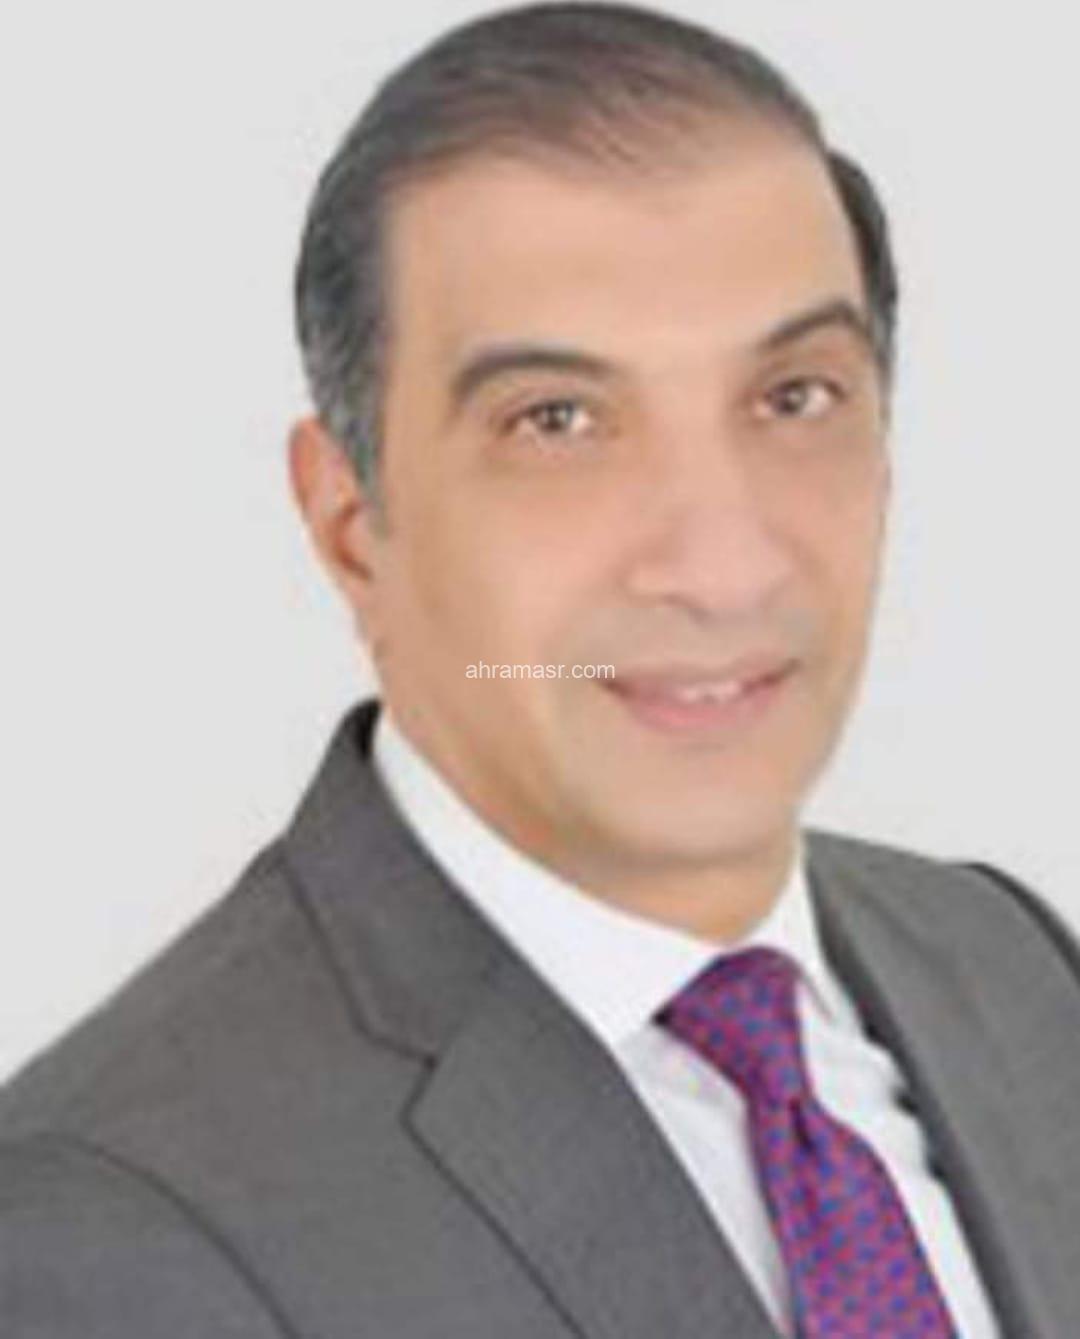 فيات …. براءة قضت محكمة جنح القاهرة الاقتصادية ببراءة المتهمين في قضية شركة فيات.